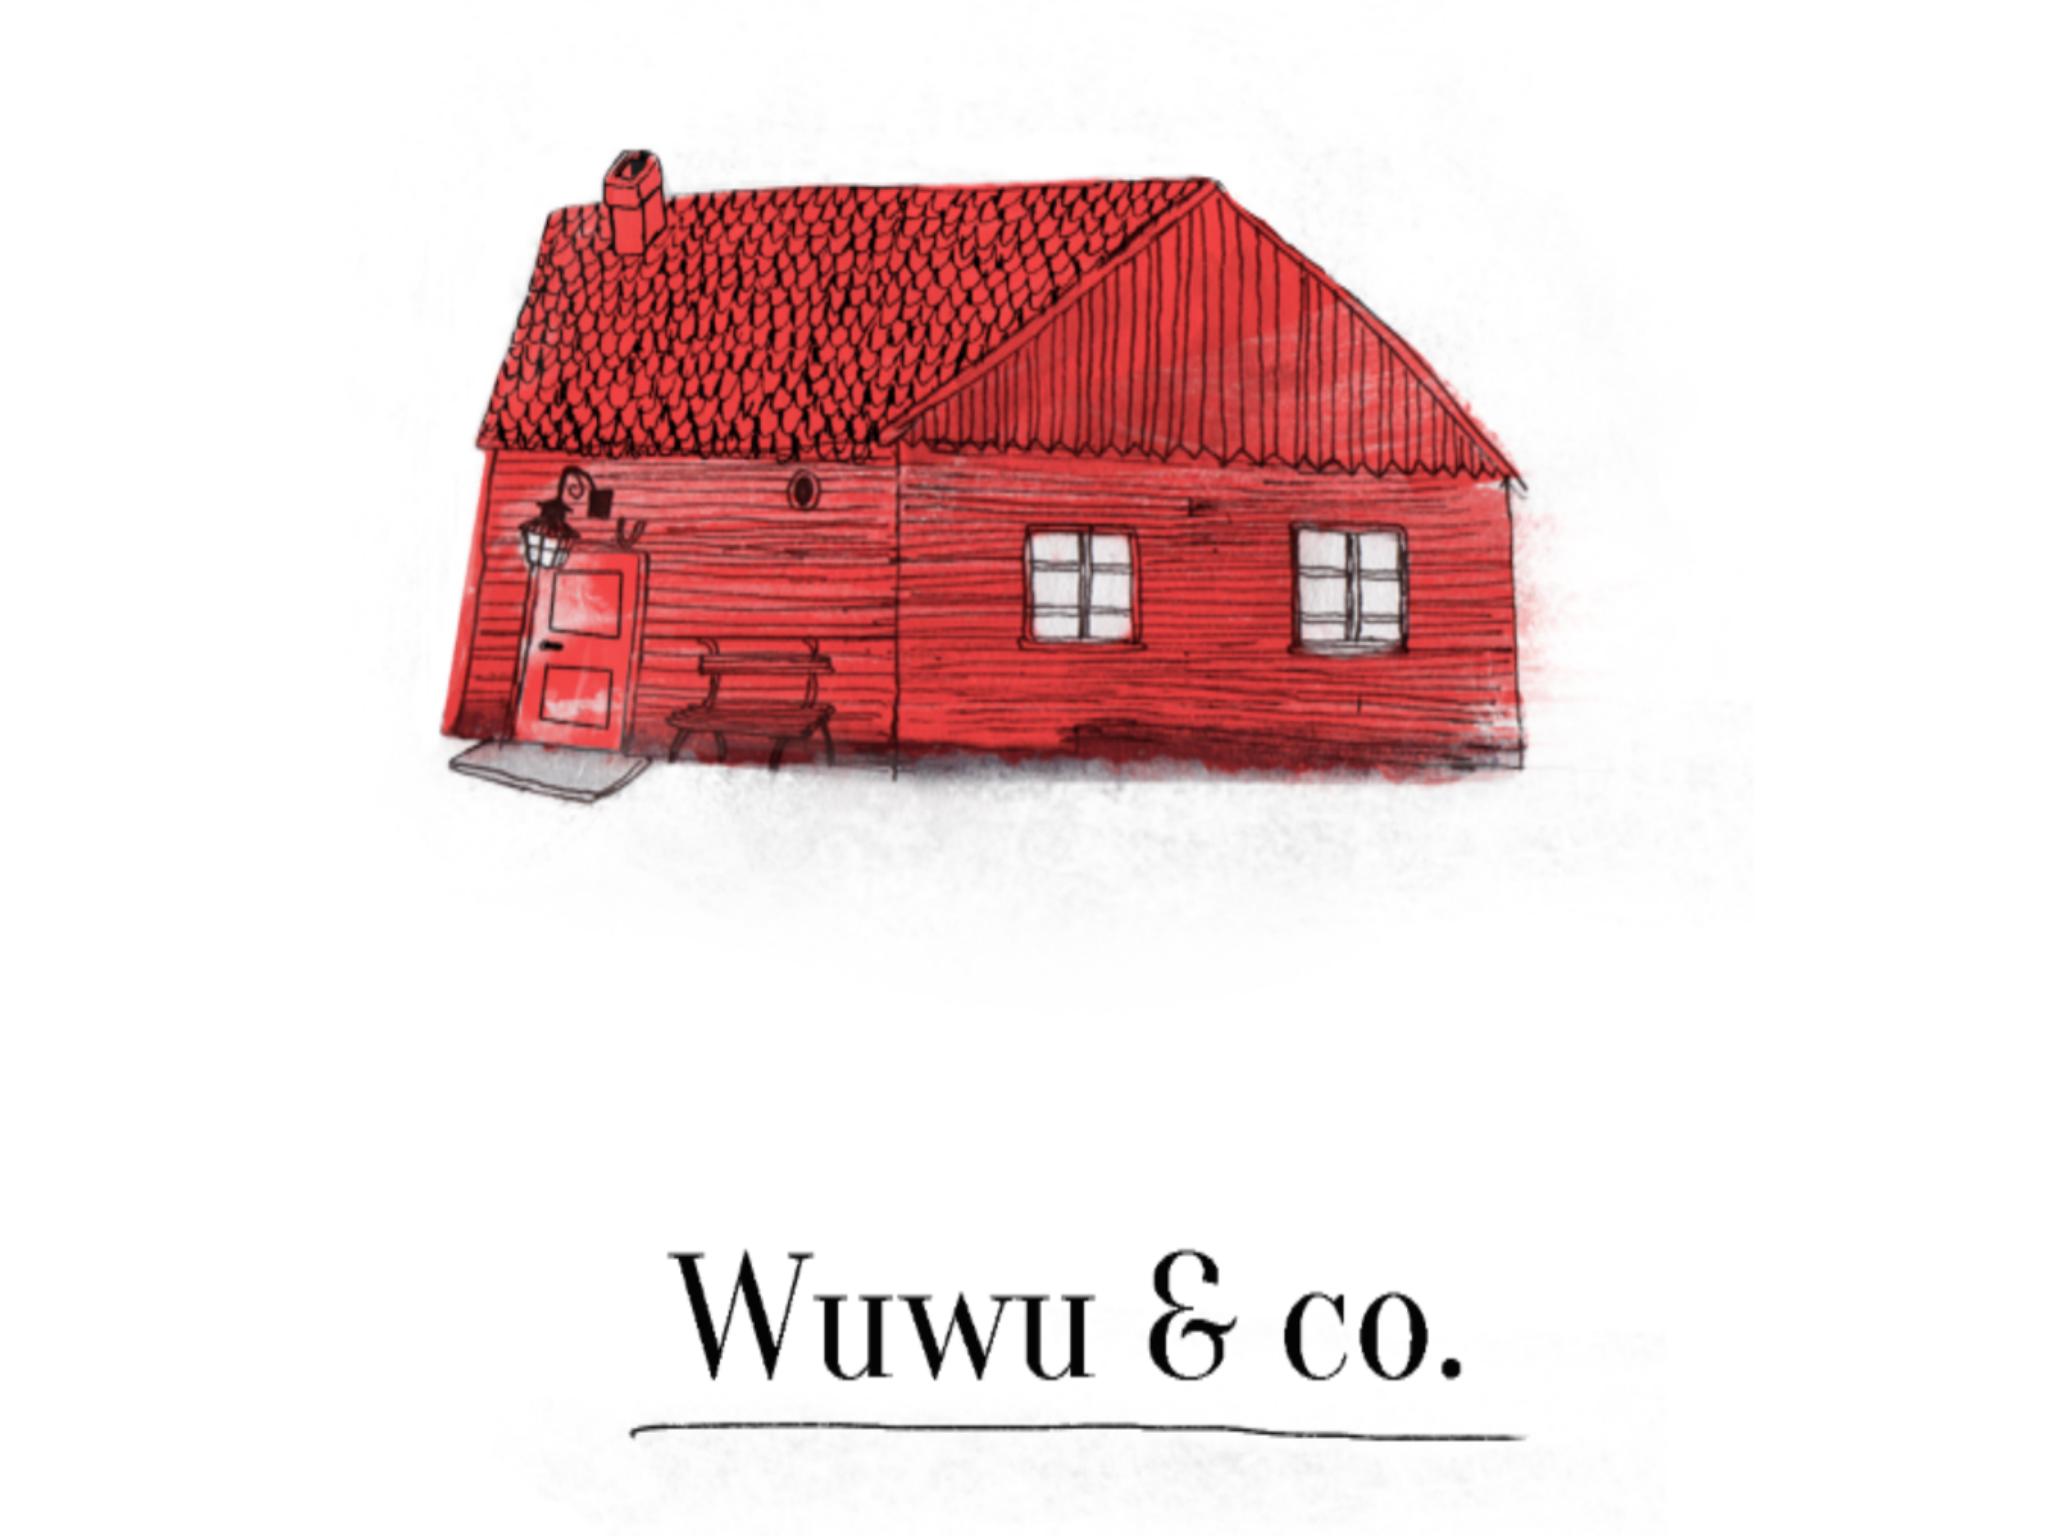 wuwu & Co